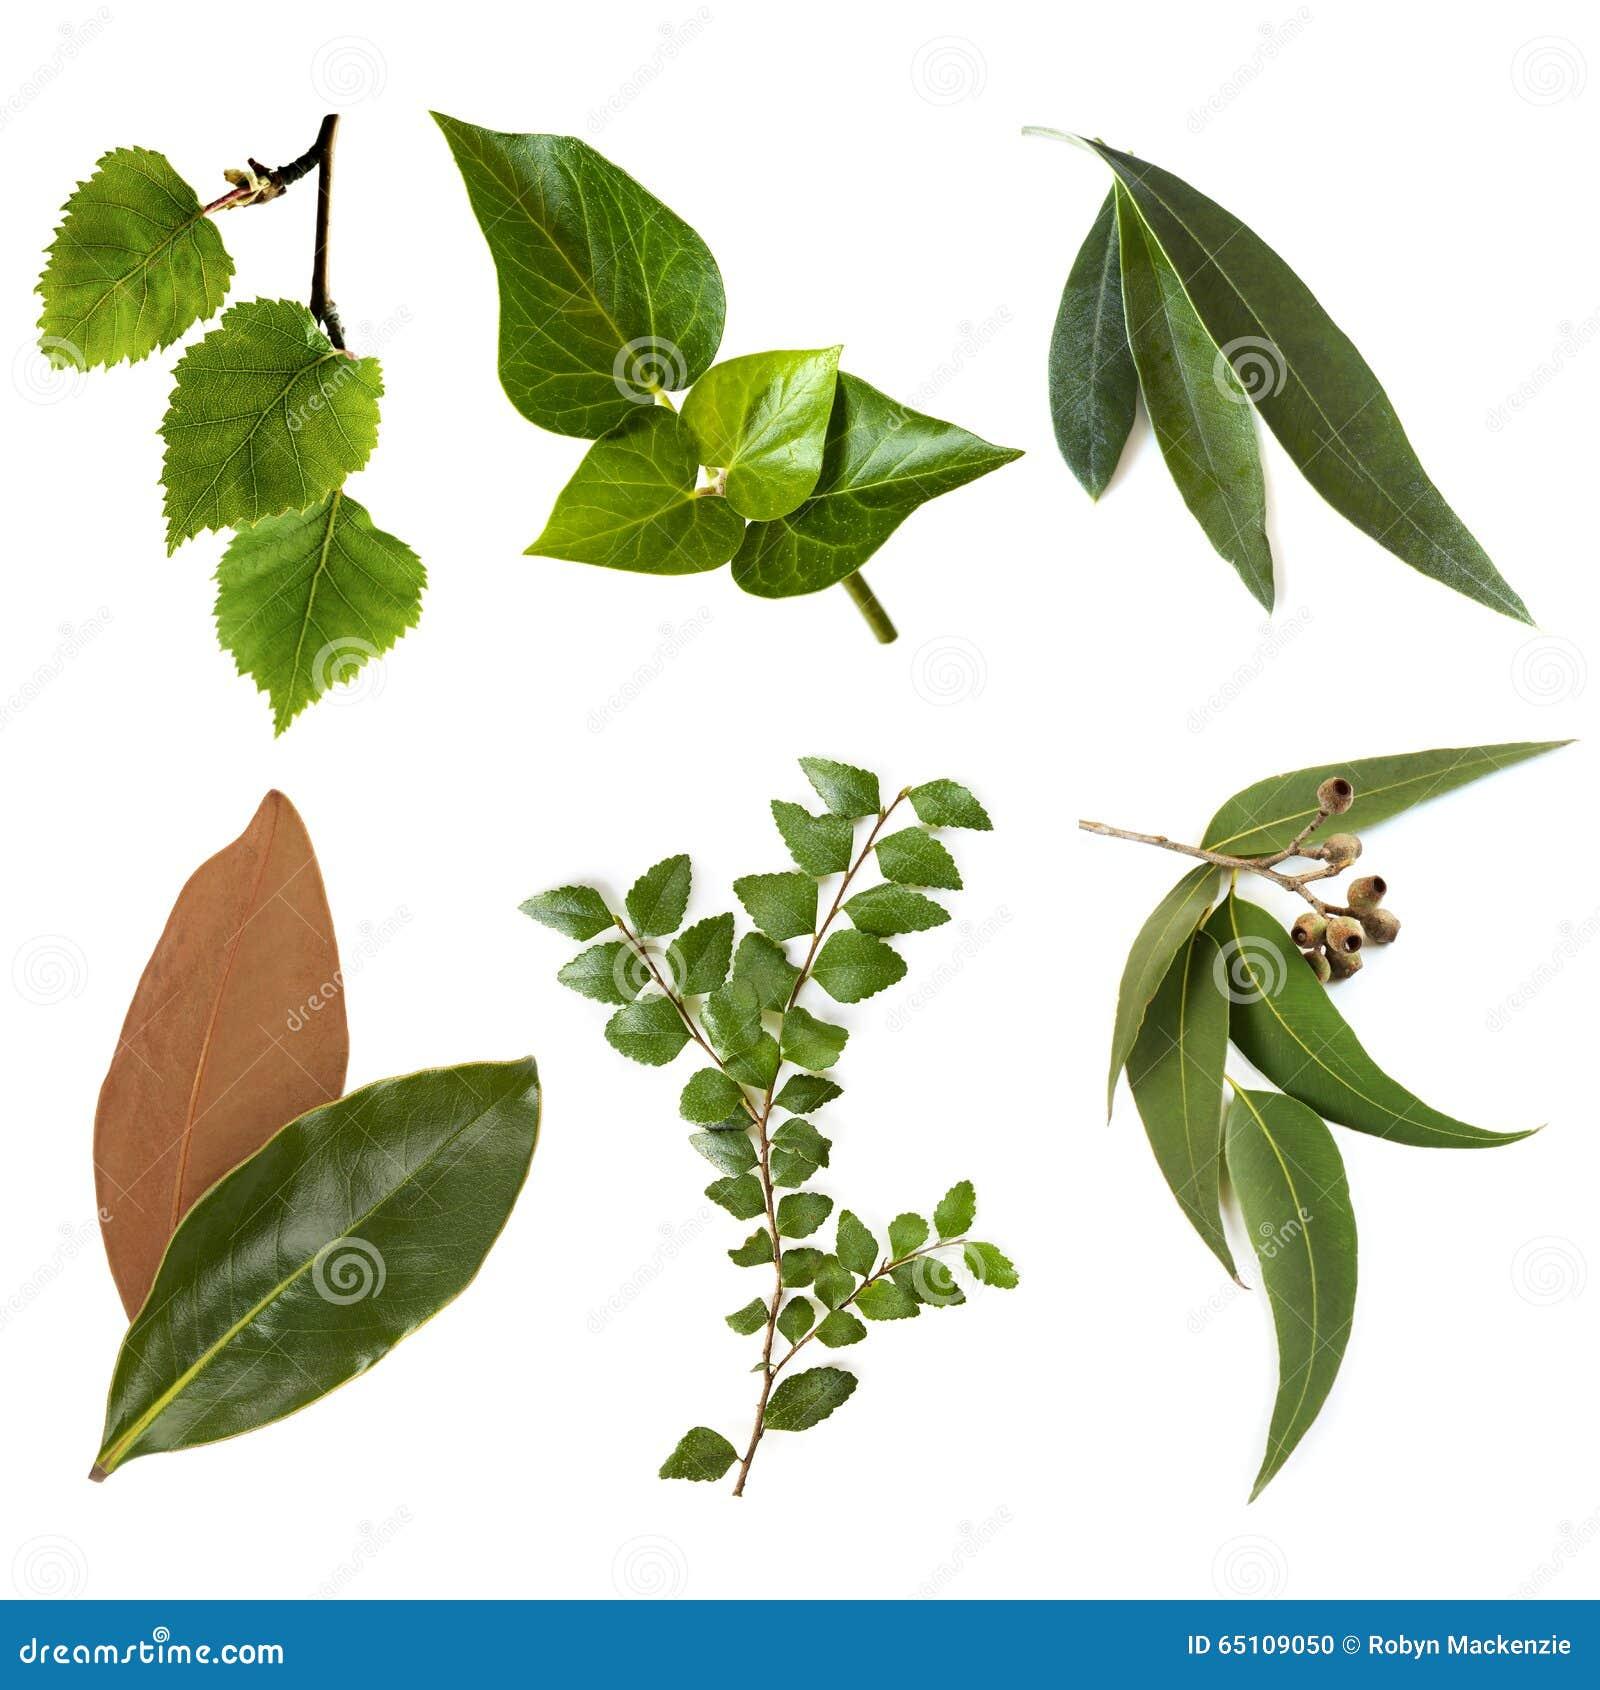 背景 壁纸 绿色 绿叶 树叶 植物 桌面 1300_1390图片